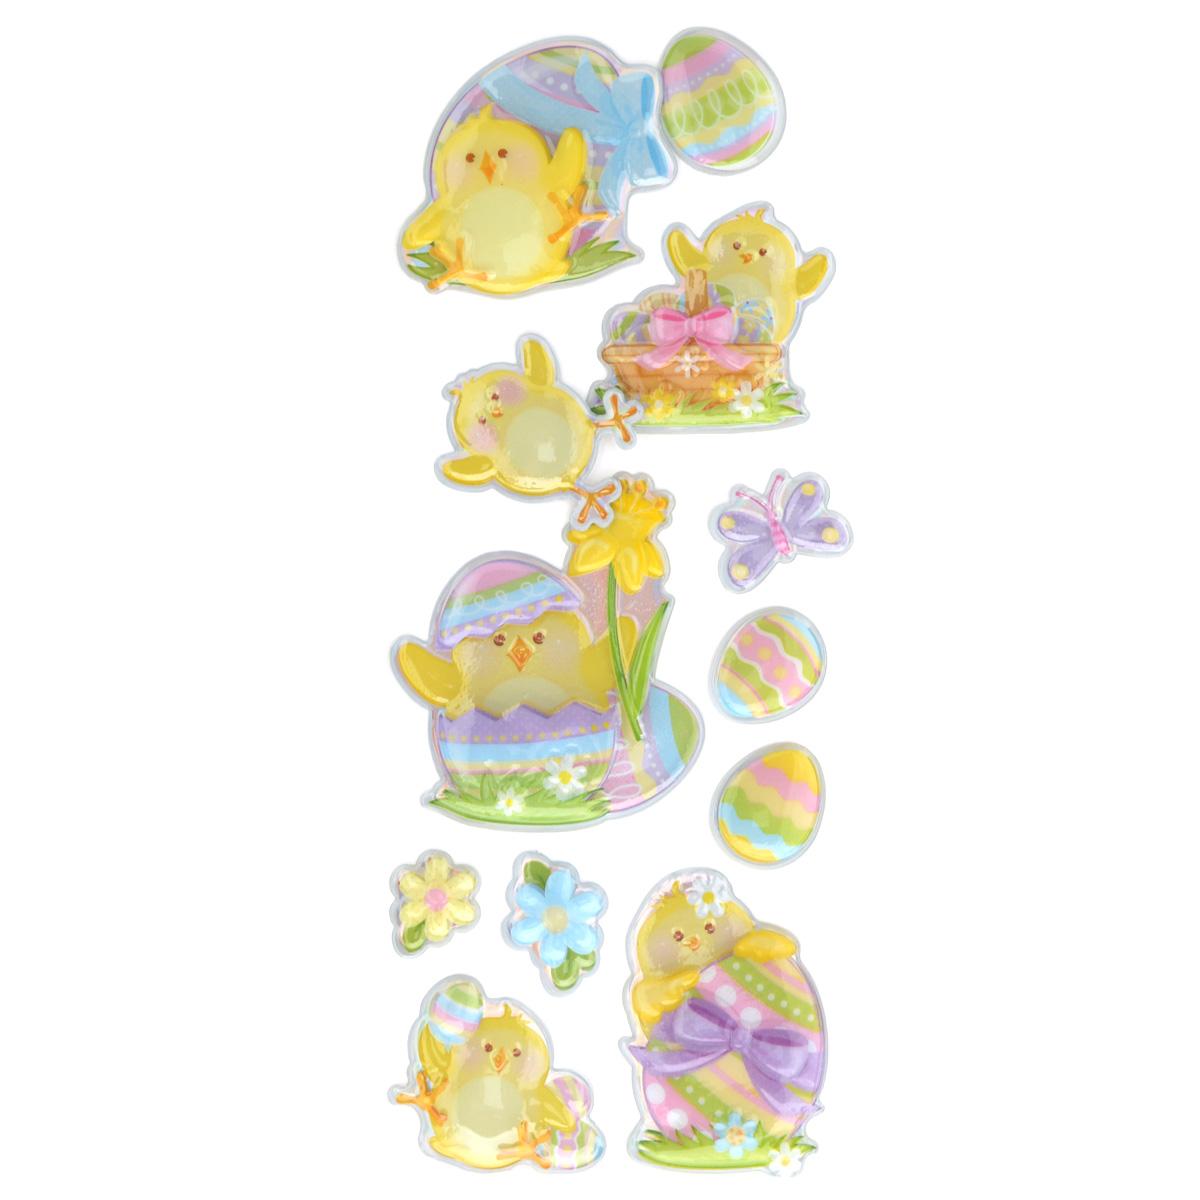 Набор объемных наклеек Home Queen Цыпленок с нарциссом, 12 шт60882_3Набор объемных наклеек Home Queen Цыпленок с нарциссом прекрасно подойдет для оформления творческих работ. Их можно использовать для скрапбукинга, украшения упаковок, подарков и конвертов, открыток, декорирования коллажей, фотографий, изделий ручной работы и предметов интерьера. Объемные наклейки выполнены из ПВХ. Задняя сторона клейкая. В наборе - 12 объемных наклеек, выполненных в виде цыпленка, пасхальных яиц и цветов. Такой набор украшений создаст атмосферу праздника в вашем доме. Комплектация: 12 шт. Средний размер наклейки: 4,5 см х 4,5 см.